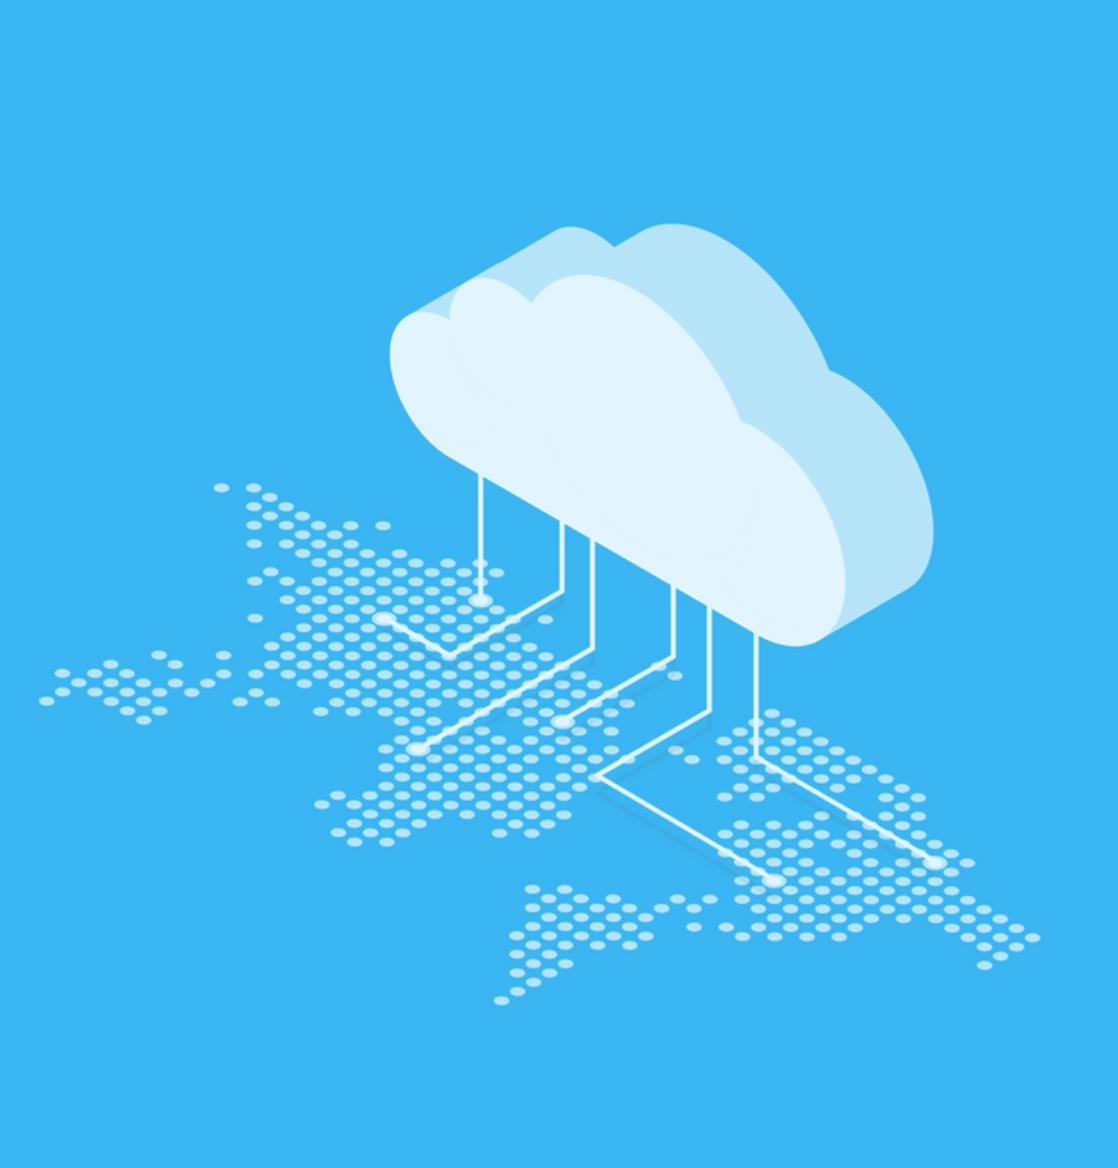 MSKIC, LLC Chooses Cloud VNA